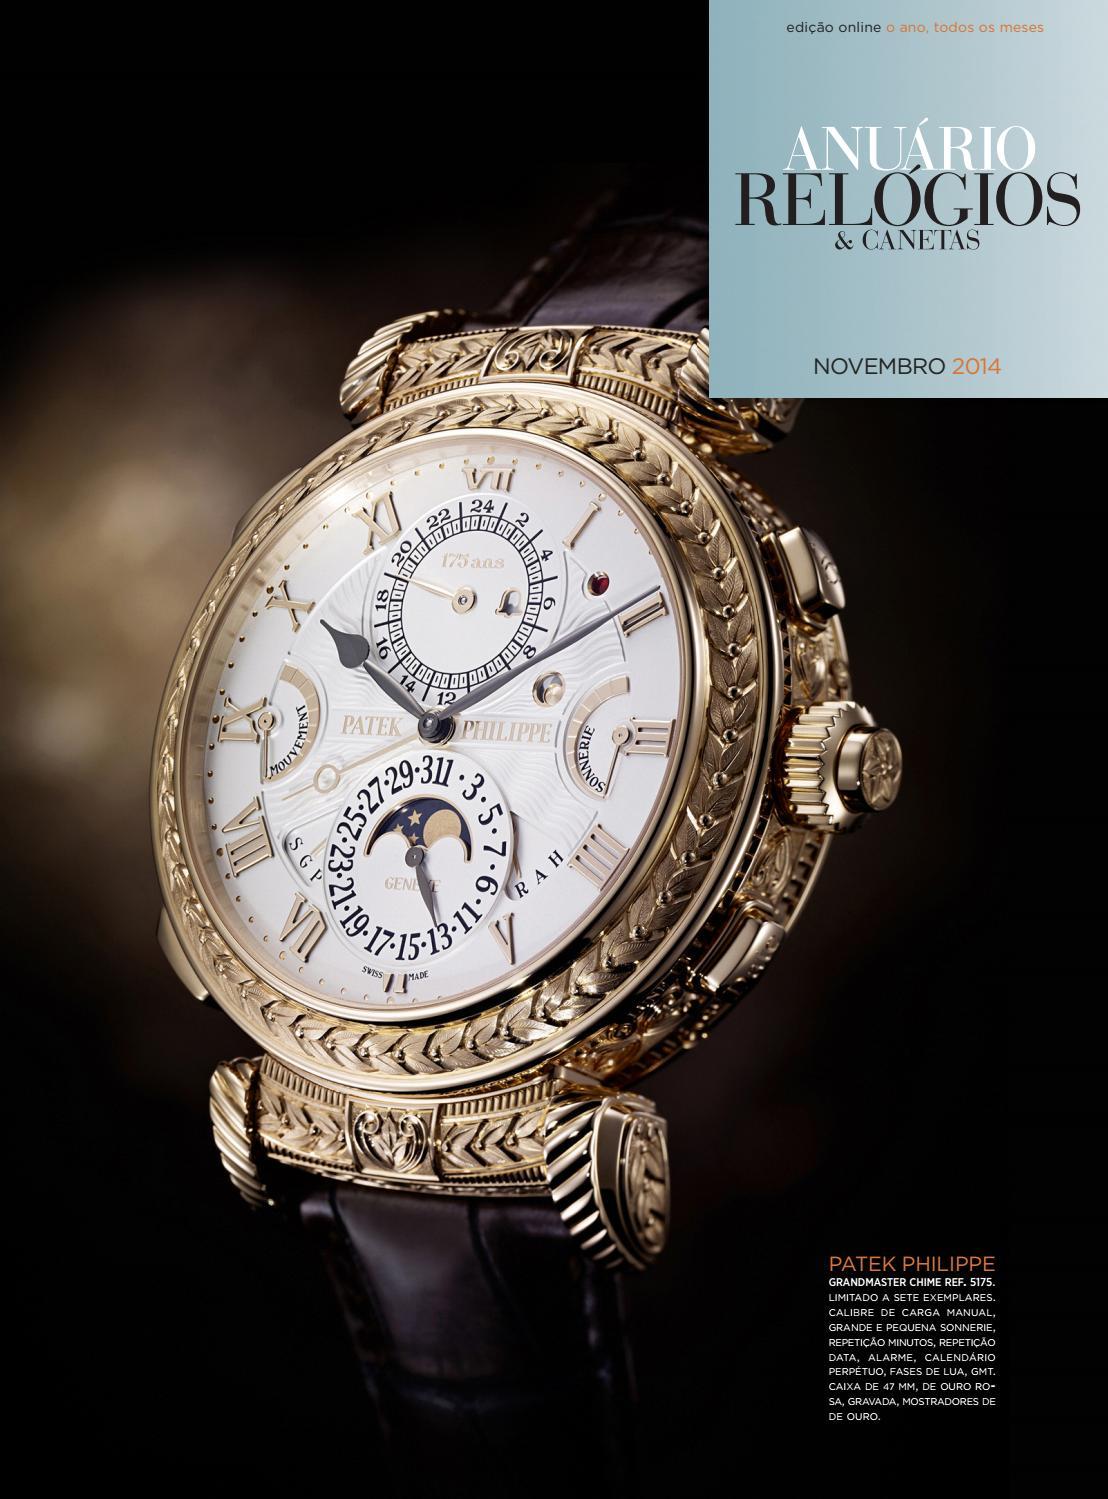 d1273b46a5a Anuário Relógios   Canetas - Novembro 2014 by Anuário Relógios   Canetas -  issuu